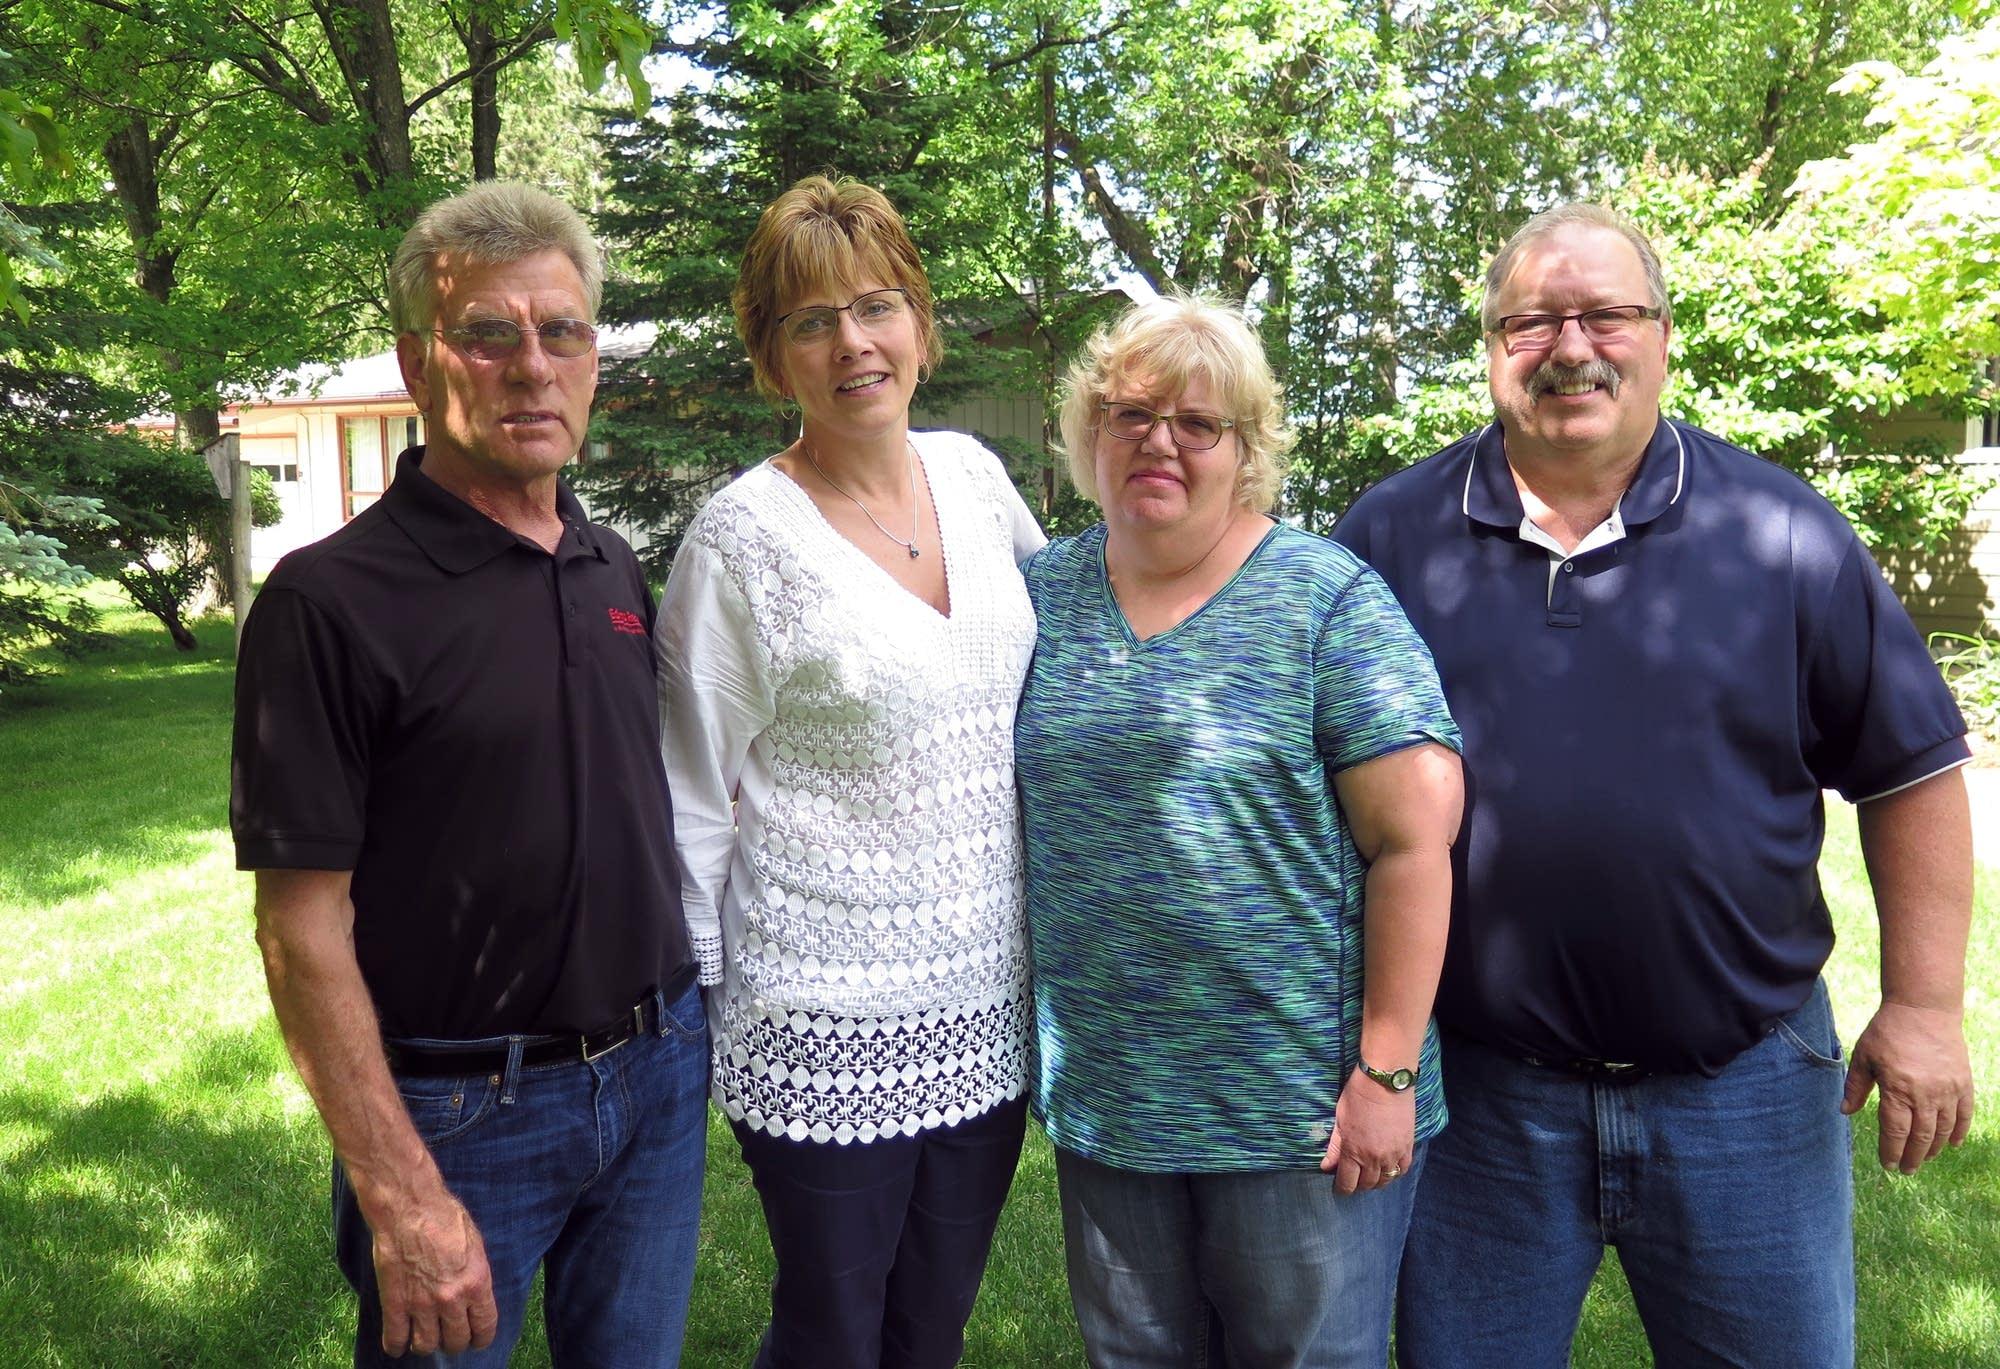 Gary Scheeler, Julie Kletscher, Bonnie Gillespie, and Bob Gillespie